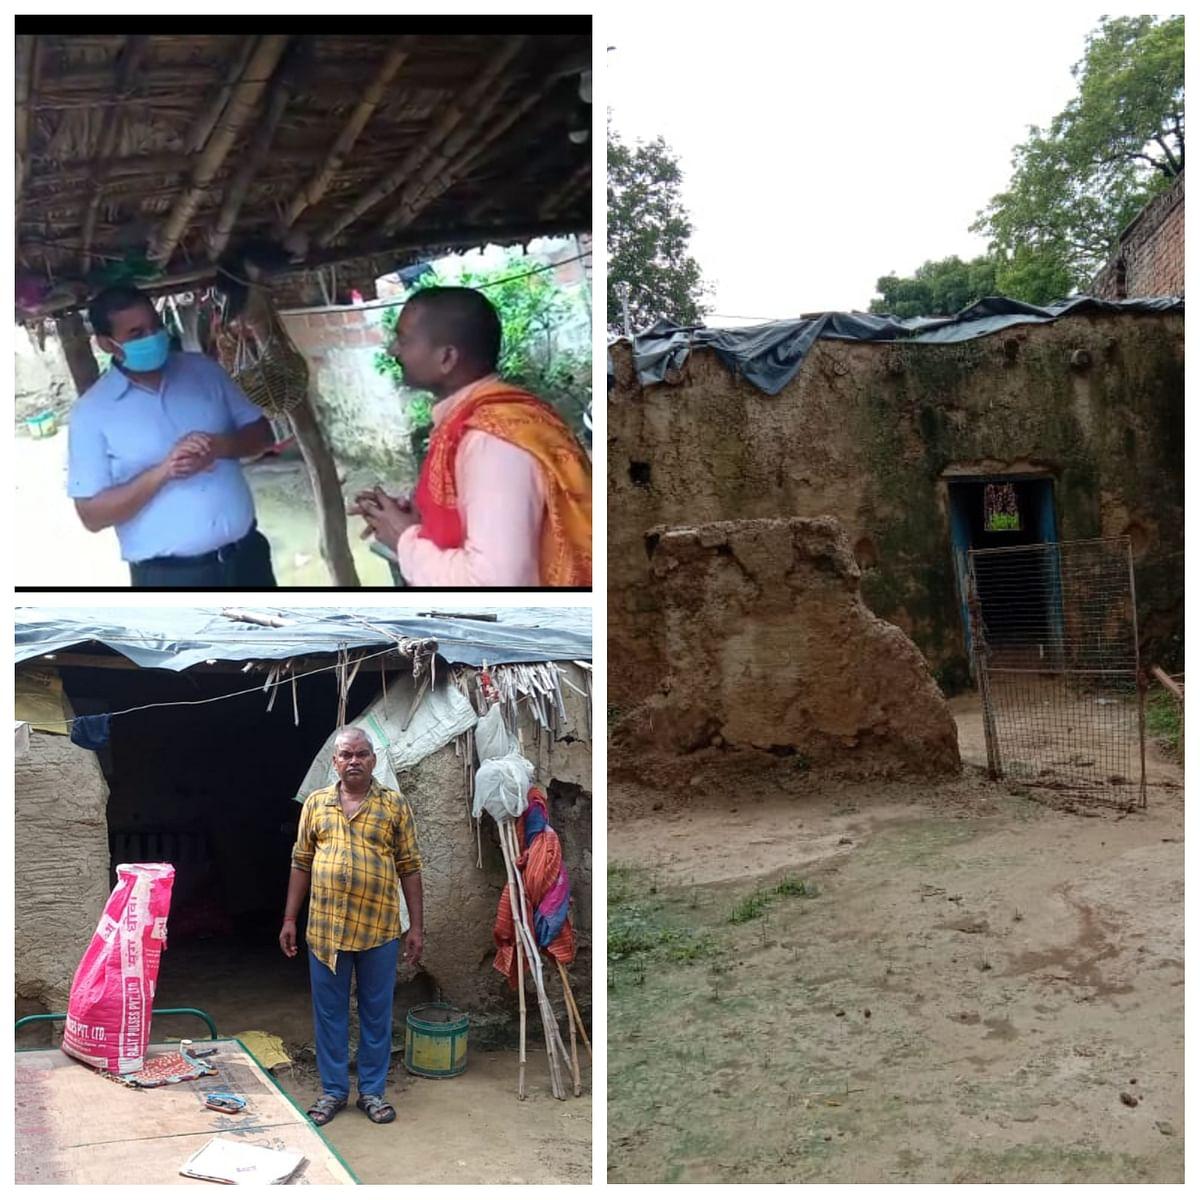 सीतापुर: वायरल वीडियो पर मुख्यमंत्री की टीम ने लिया संज्ञान, शिकायतकर्ता के लिए सोशल मीडिया बनी वरदान